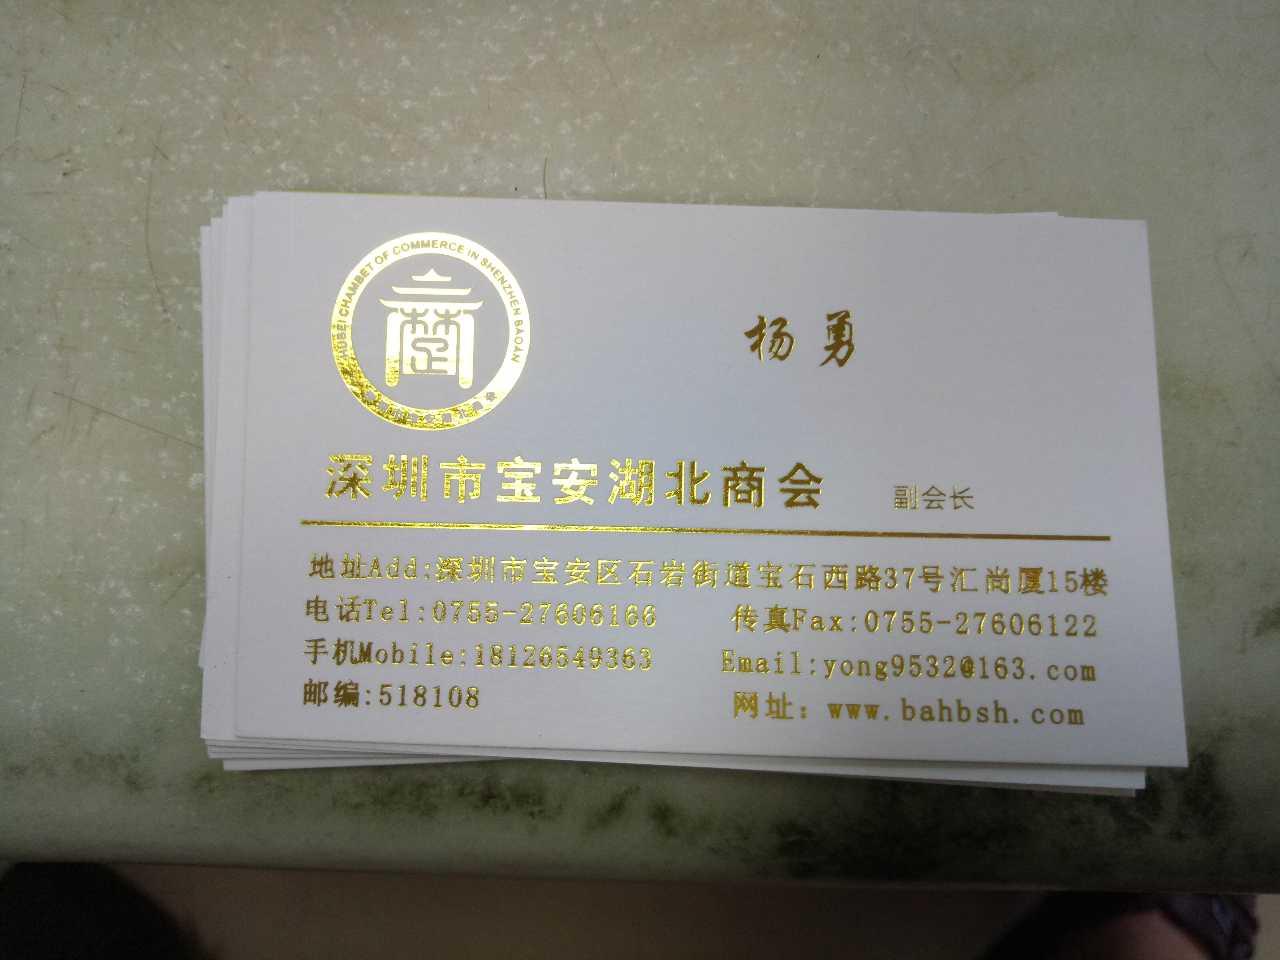 来自杨*发布的招商投资信息:... - 深圳市鹏俊诚劳务派遣有限公司